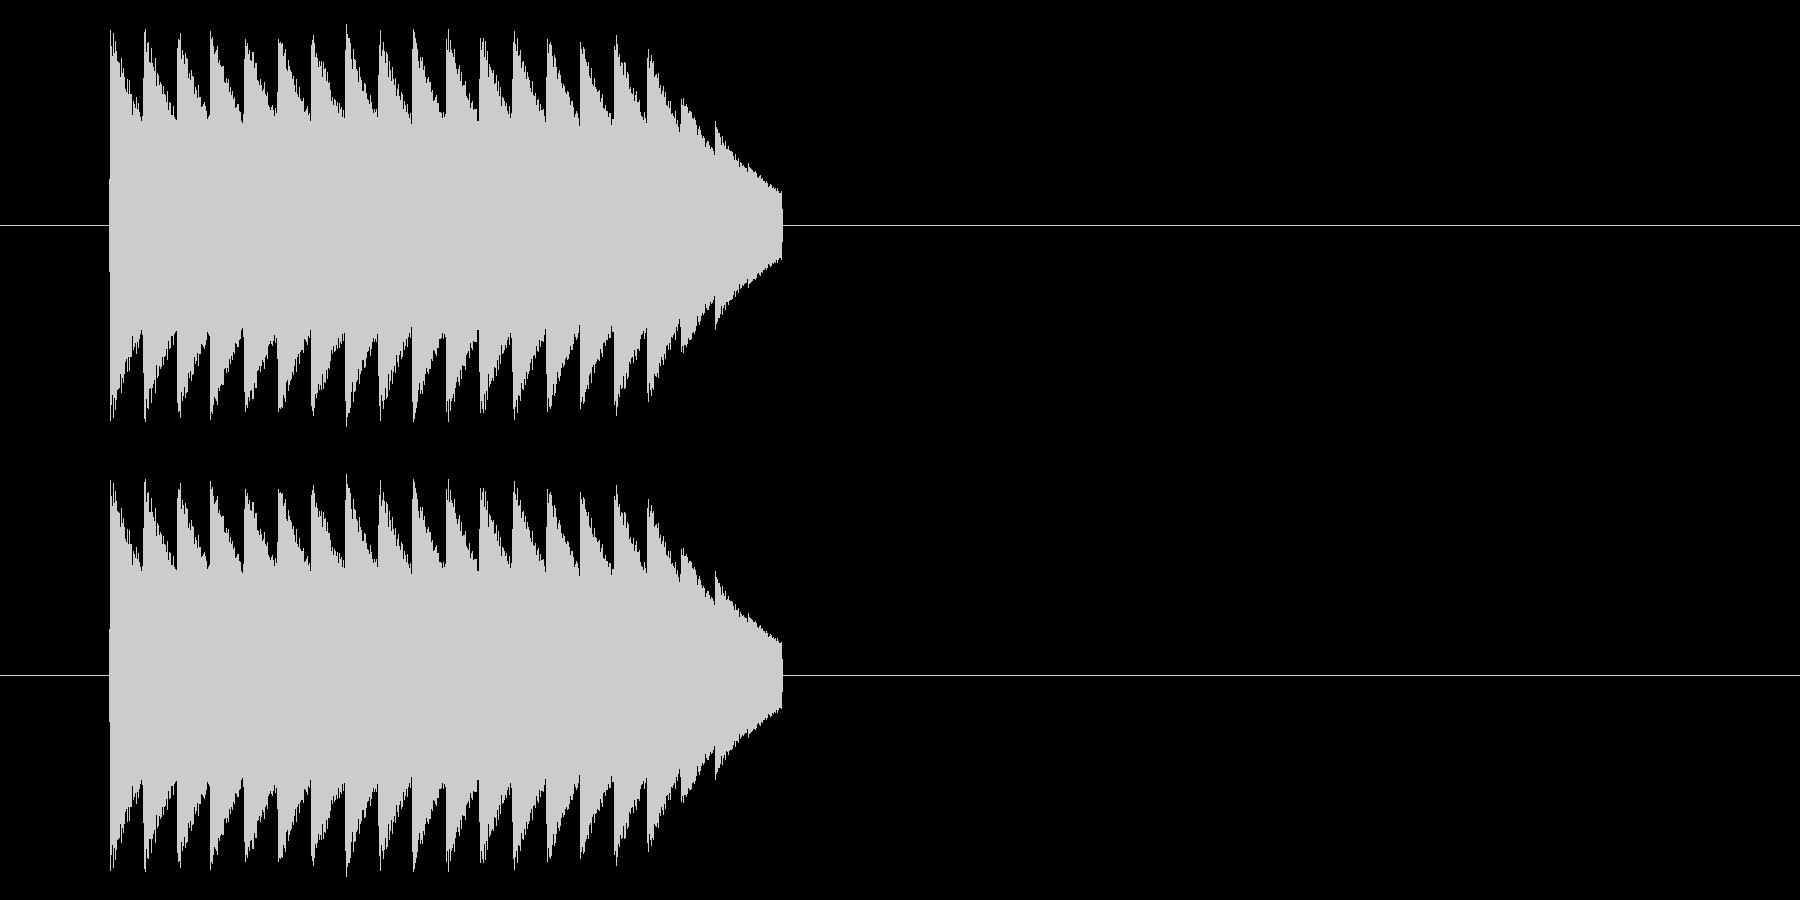 NES アクション01-12(アイテム)の未再生の波形